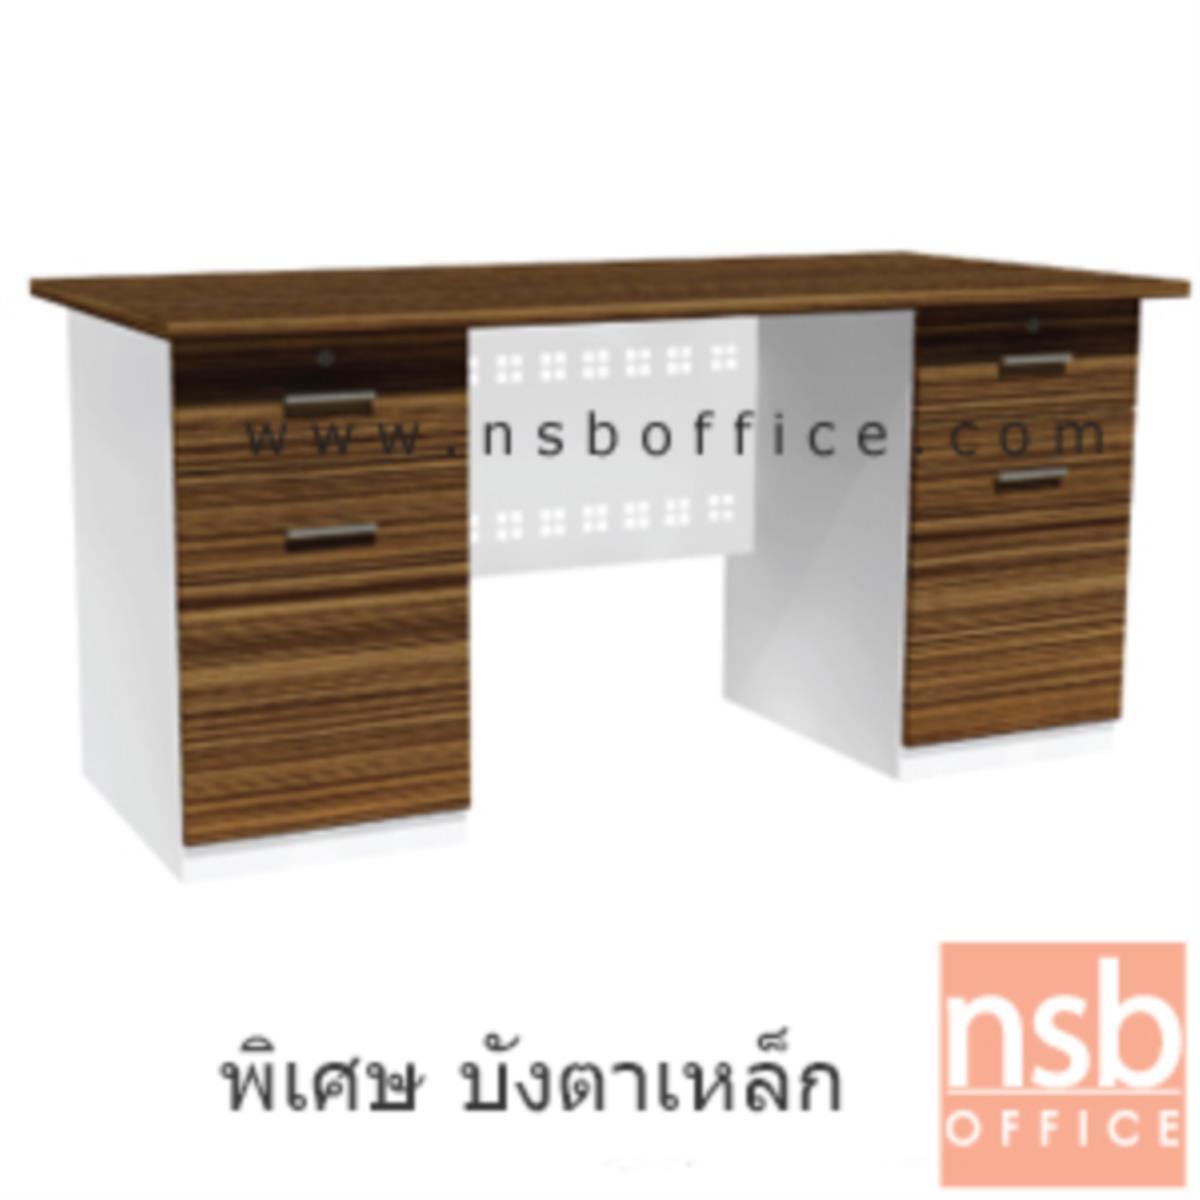 โต๊ะทำงาน 2 ลิ้นชัก 2 บานเปิด   รุ่น Harmonick (ฮาโมนิค) ขนาด 155W cm. พร้อมบังโป๊เหล็ก สีซีบราโน่-ขาว